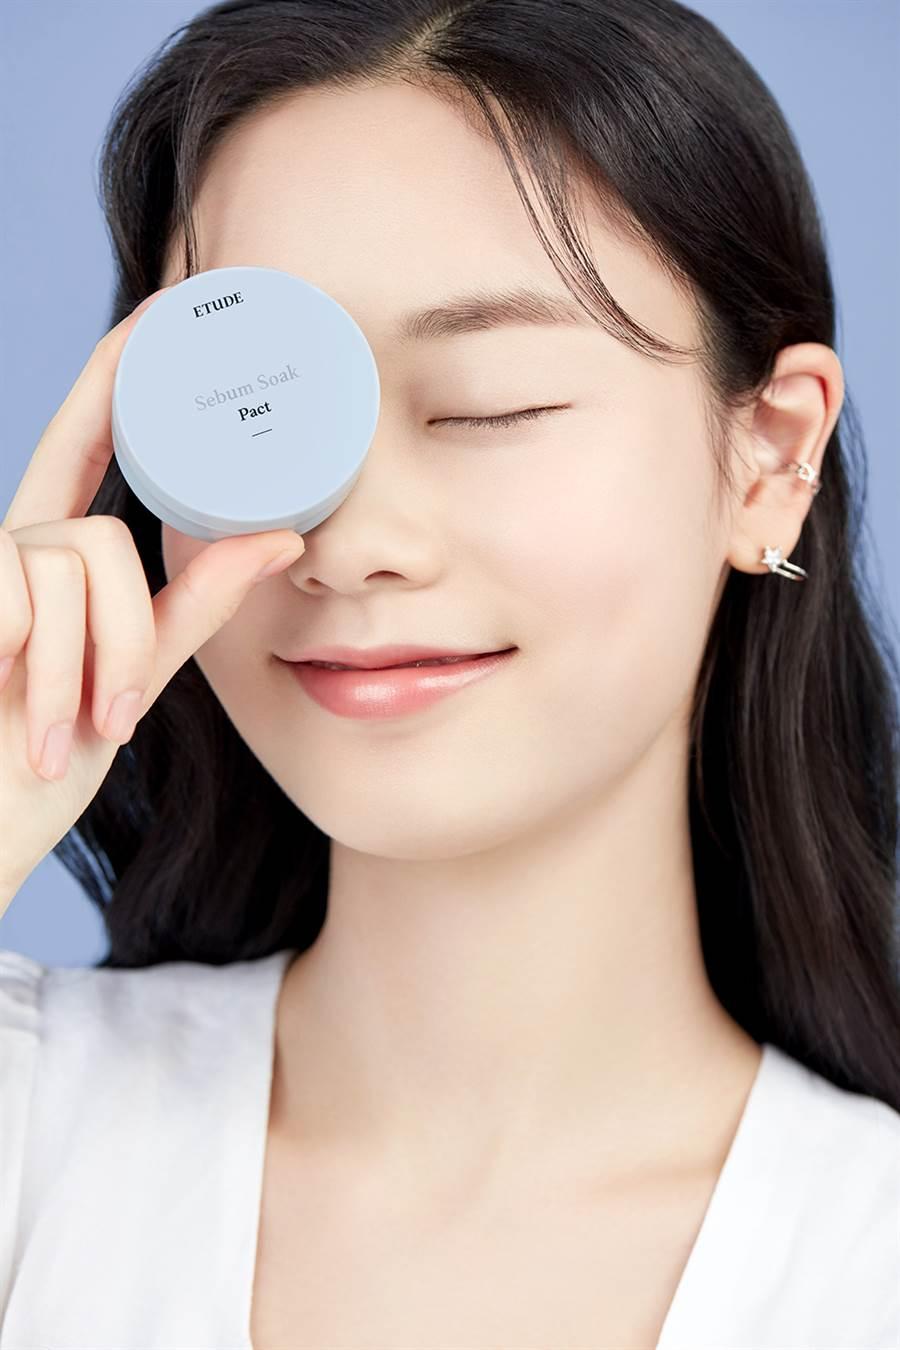 零孔慌持久控油蜜粉餅是礦物性粉末,有效吸附臉部多餘油脂,協助肌膚達到油水平衡。(圖/品牌提供)